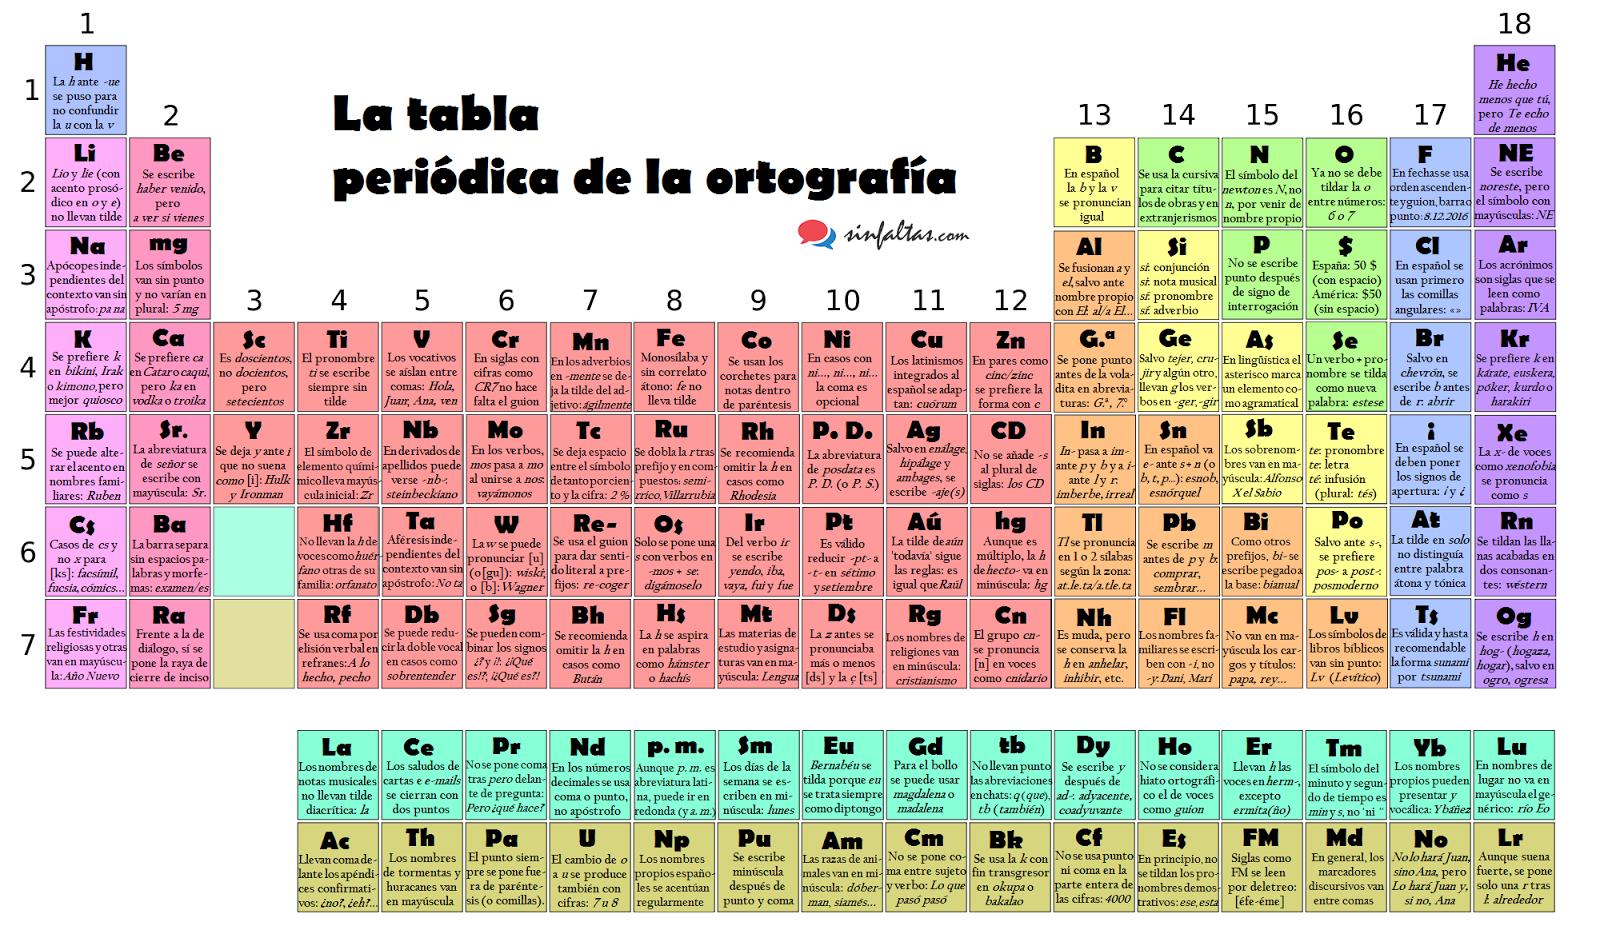 Tabla peridica de la ortografa ortografa literatura ahora que todos los elementos qumicos de la tabla peridica tienen su nombre es buen momento para presentar la tabla peridica de la ortografa urtaz Image collections